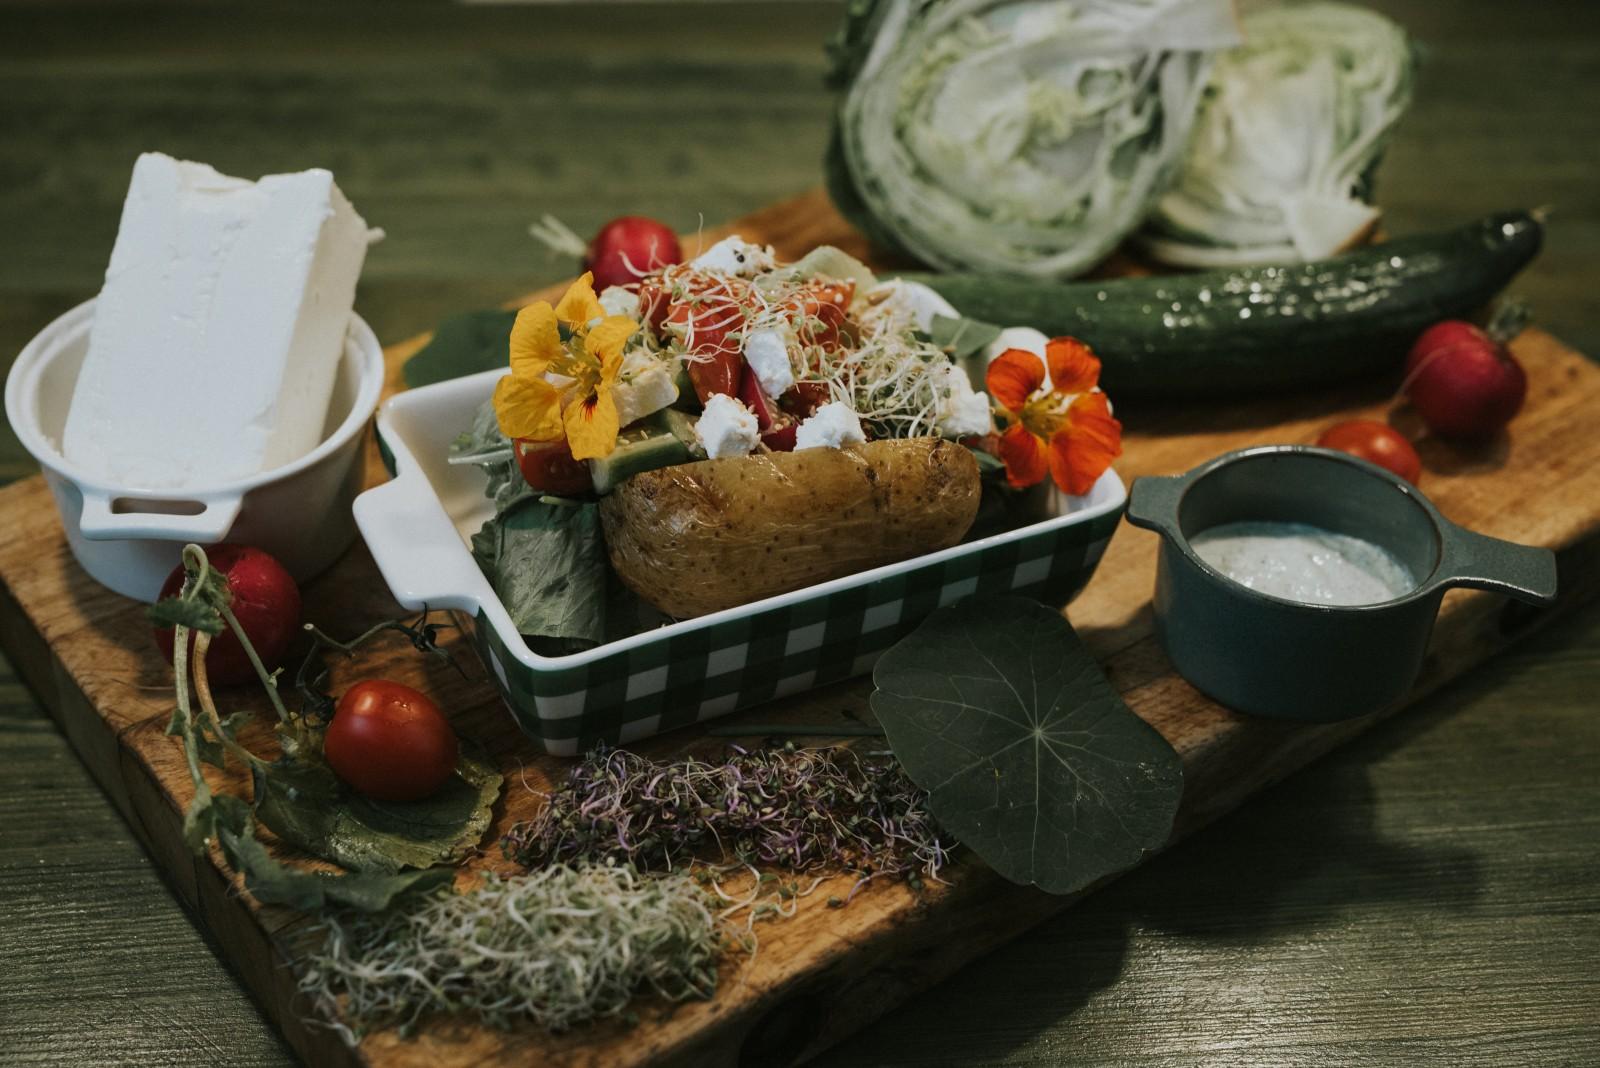 Restauracje W Calej Polsce Darmowa Rezerwacja Dostawy Odbioru Stolika W Zjedz My